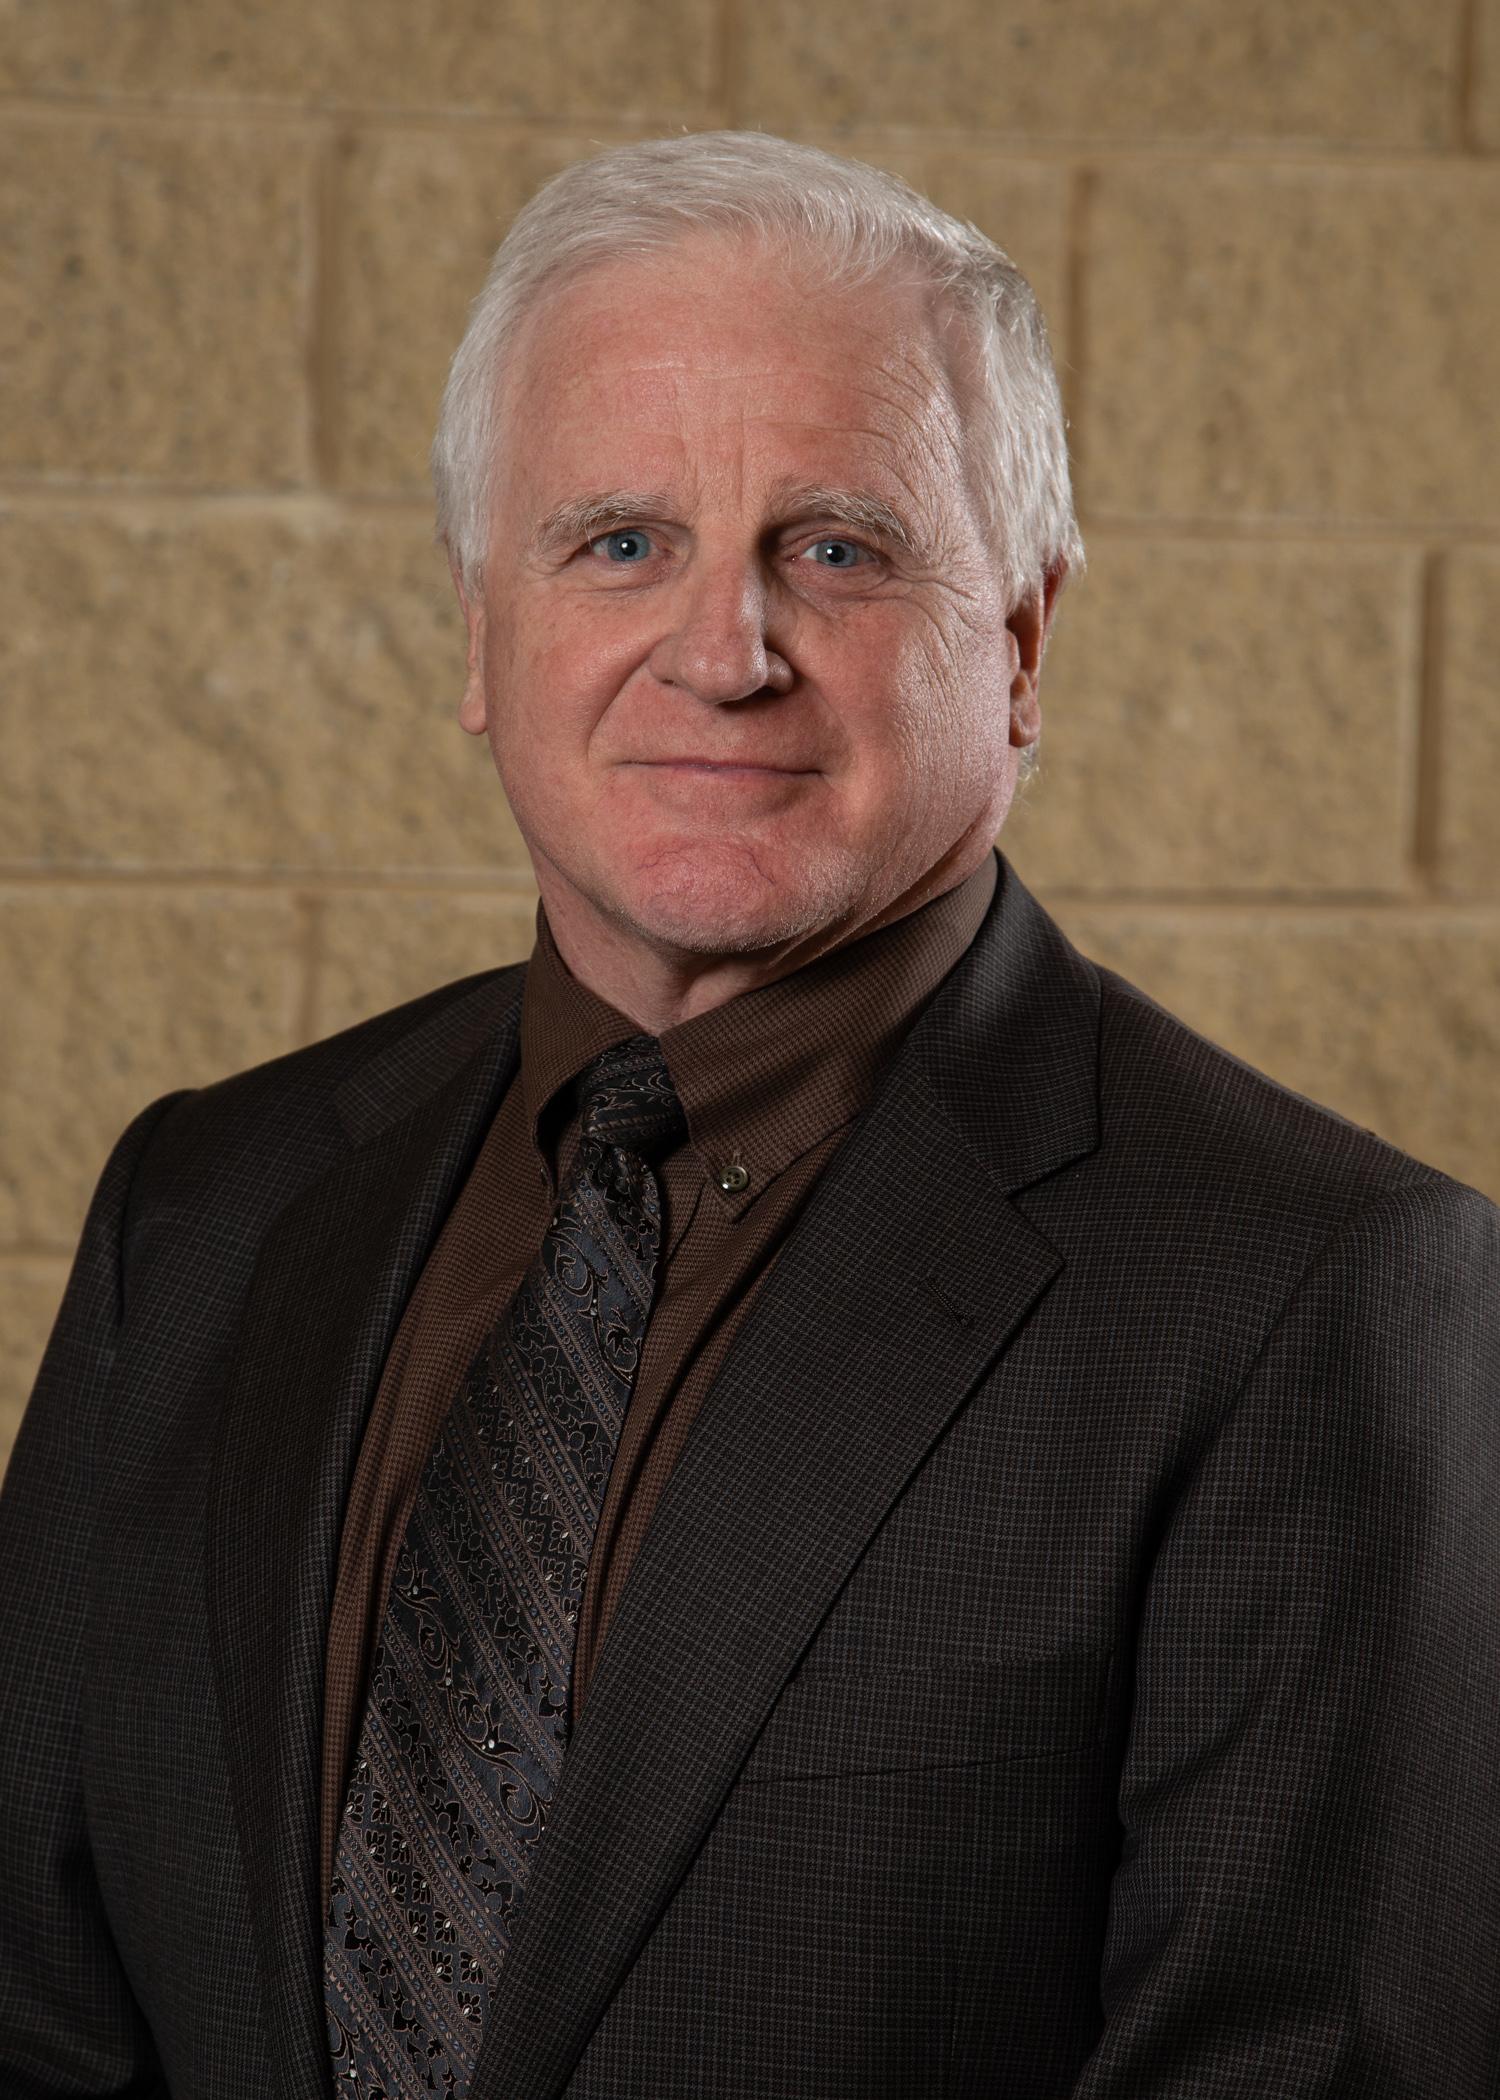 MIKE MULLINS DEPUTY CLERK